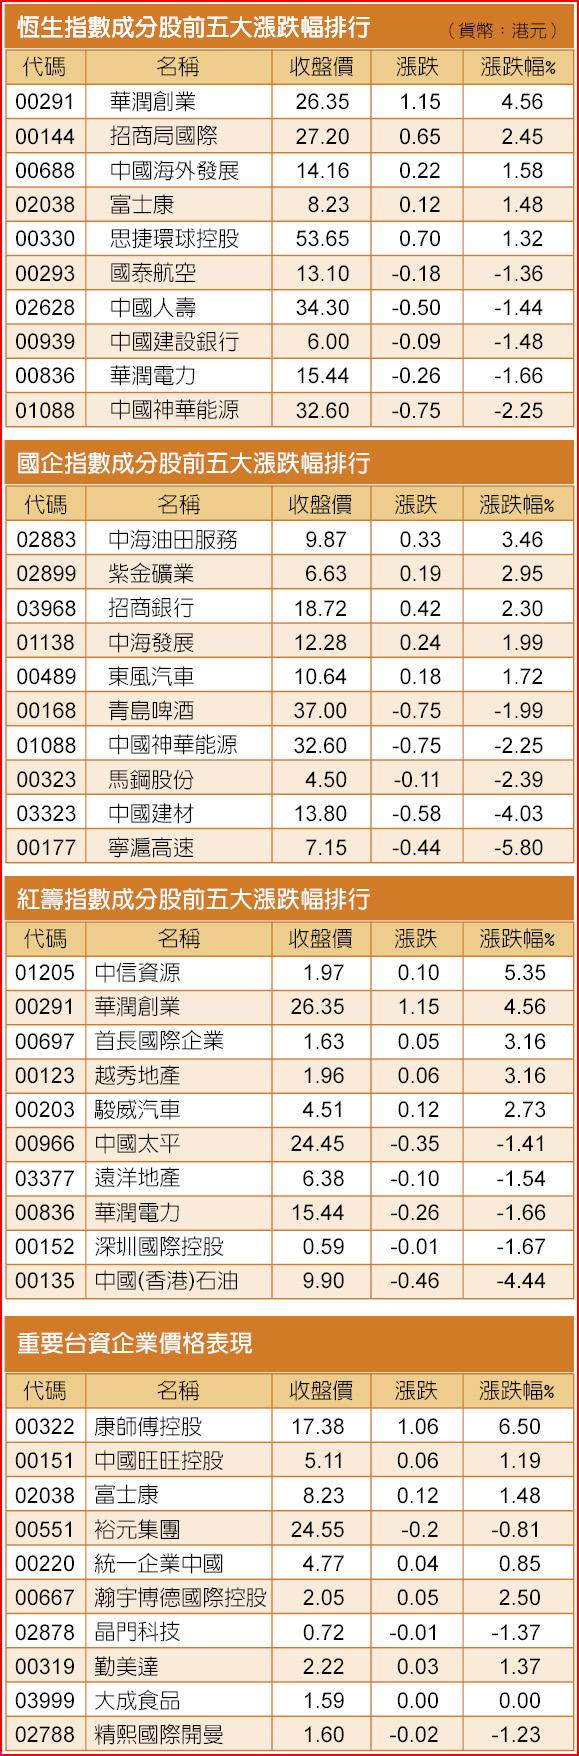 恆生指數成分股前五大漲跌幅排行